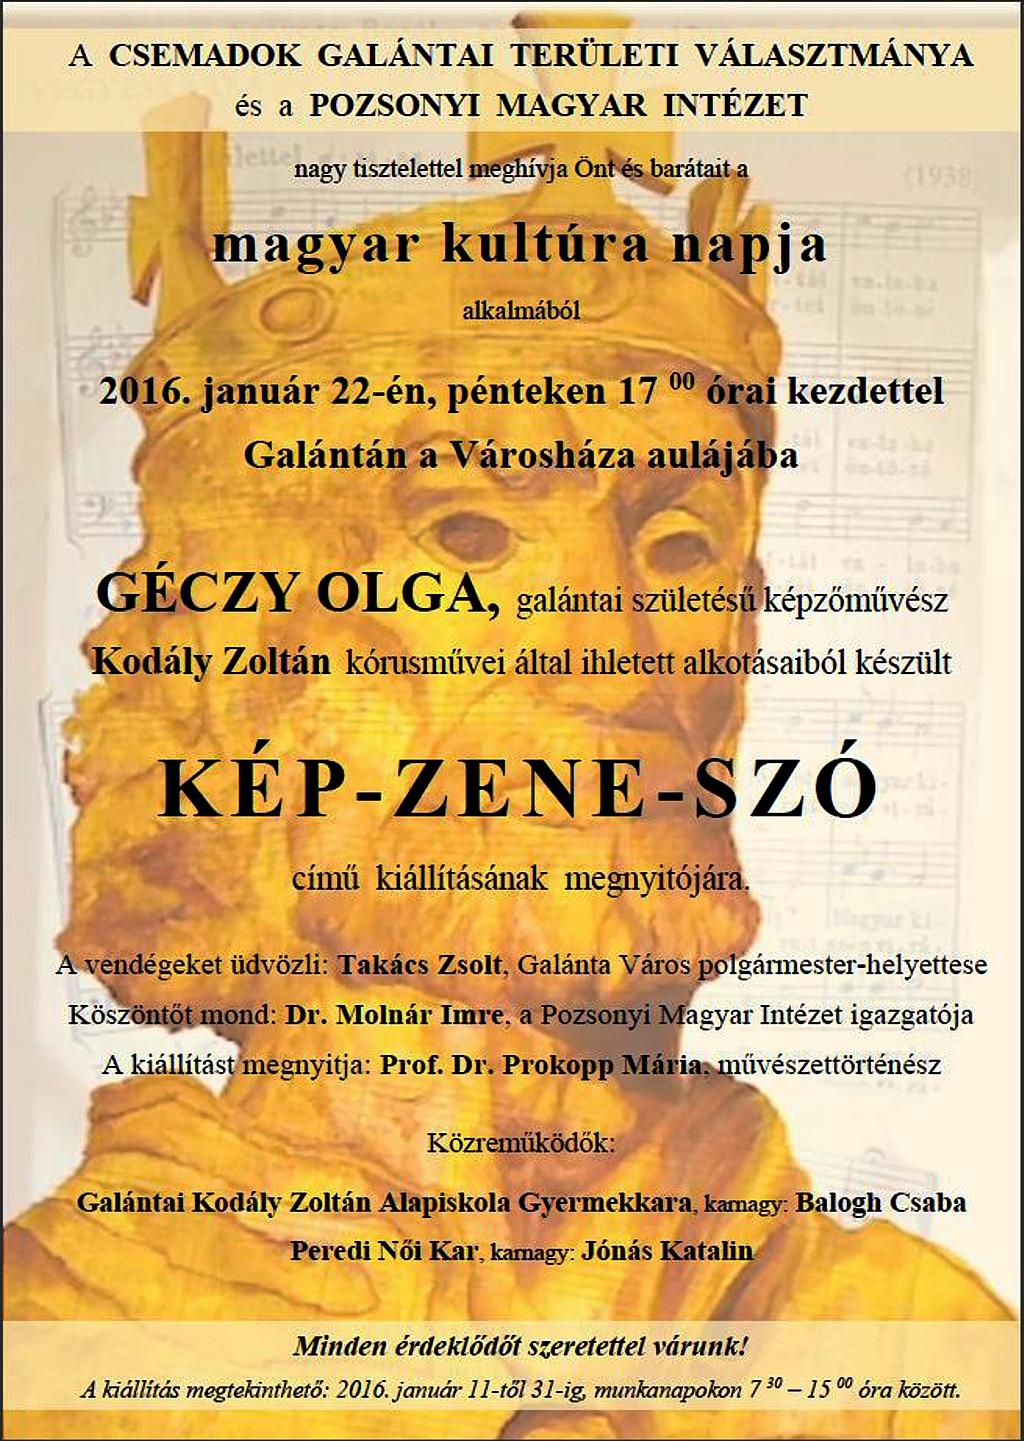 galanta-kiallitas-geczy-olga-1-2016